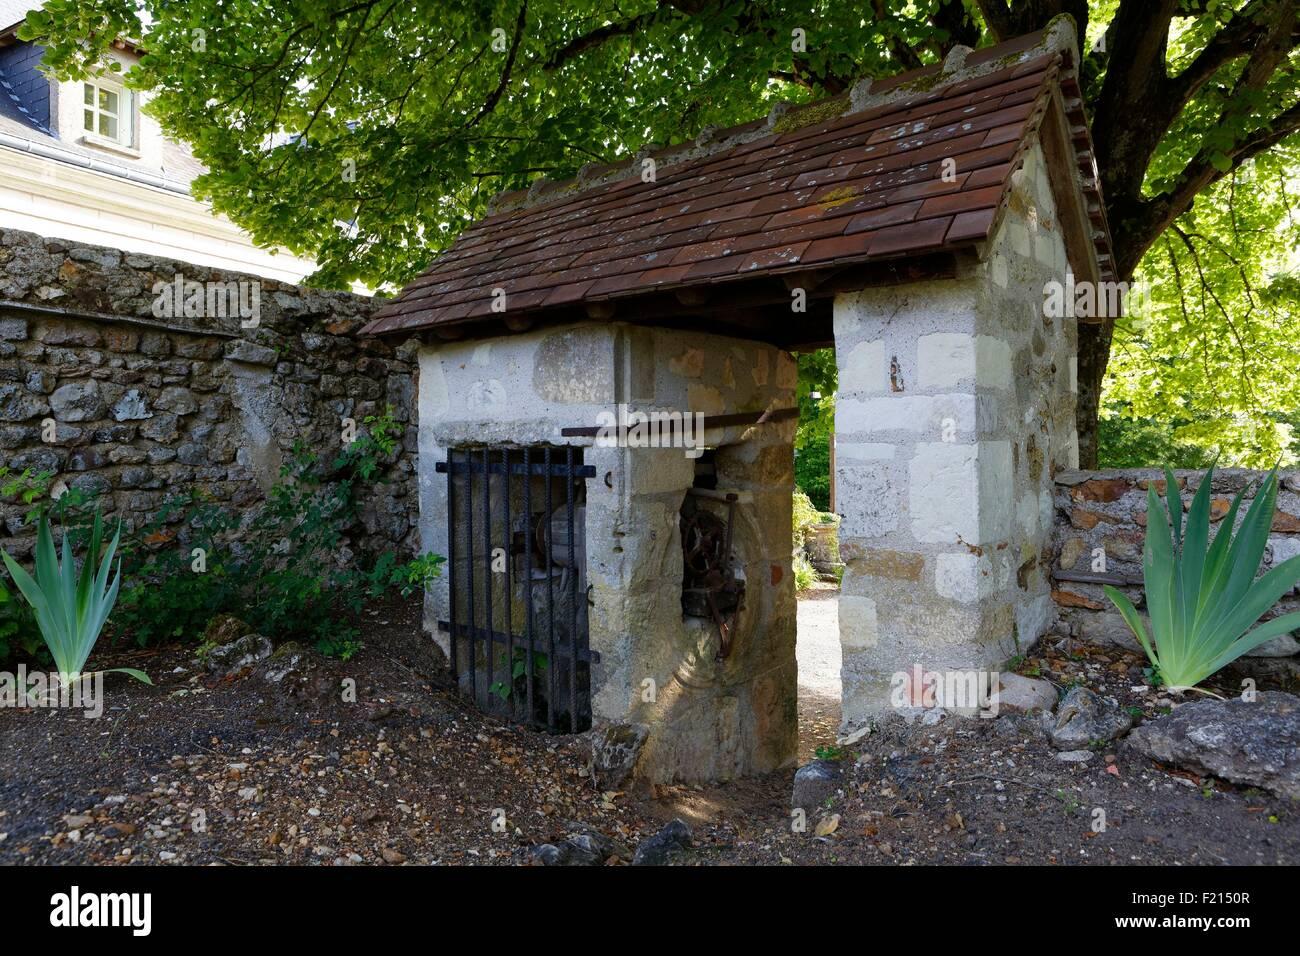 France, Vienne, Saint Remy sur Creuse, bien Photo Stock